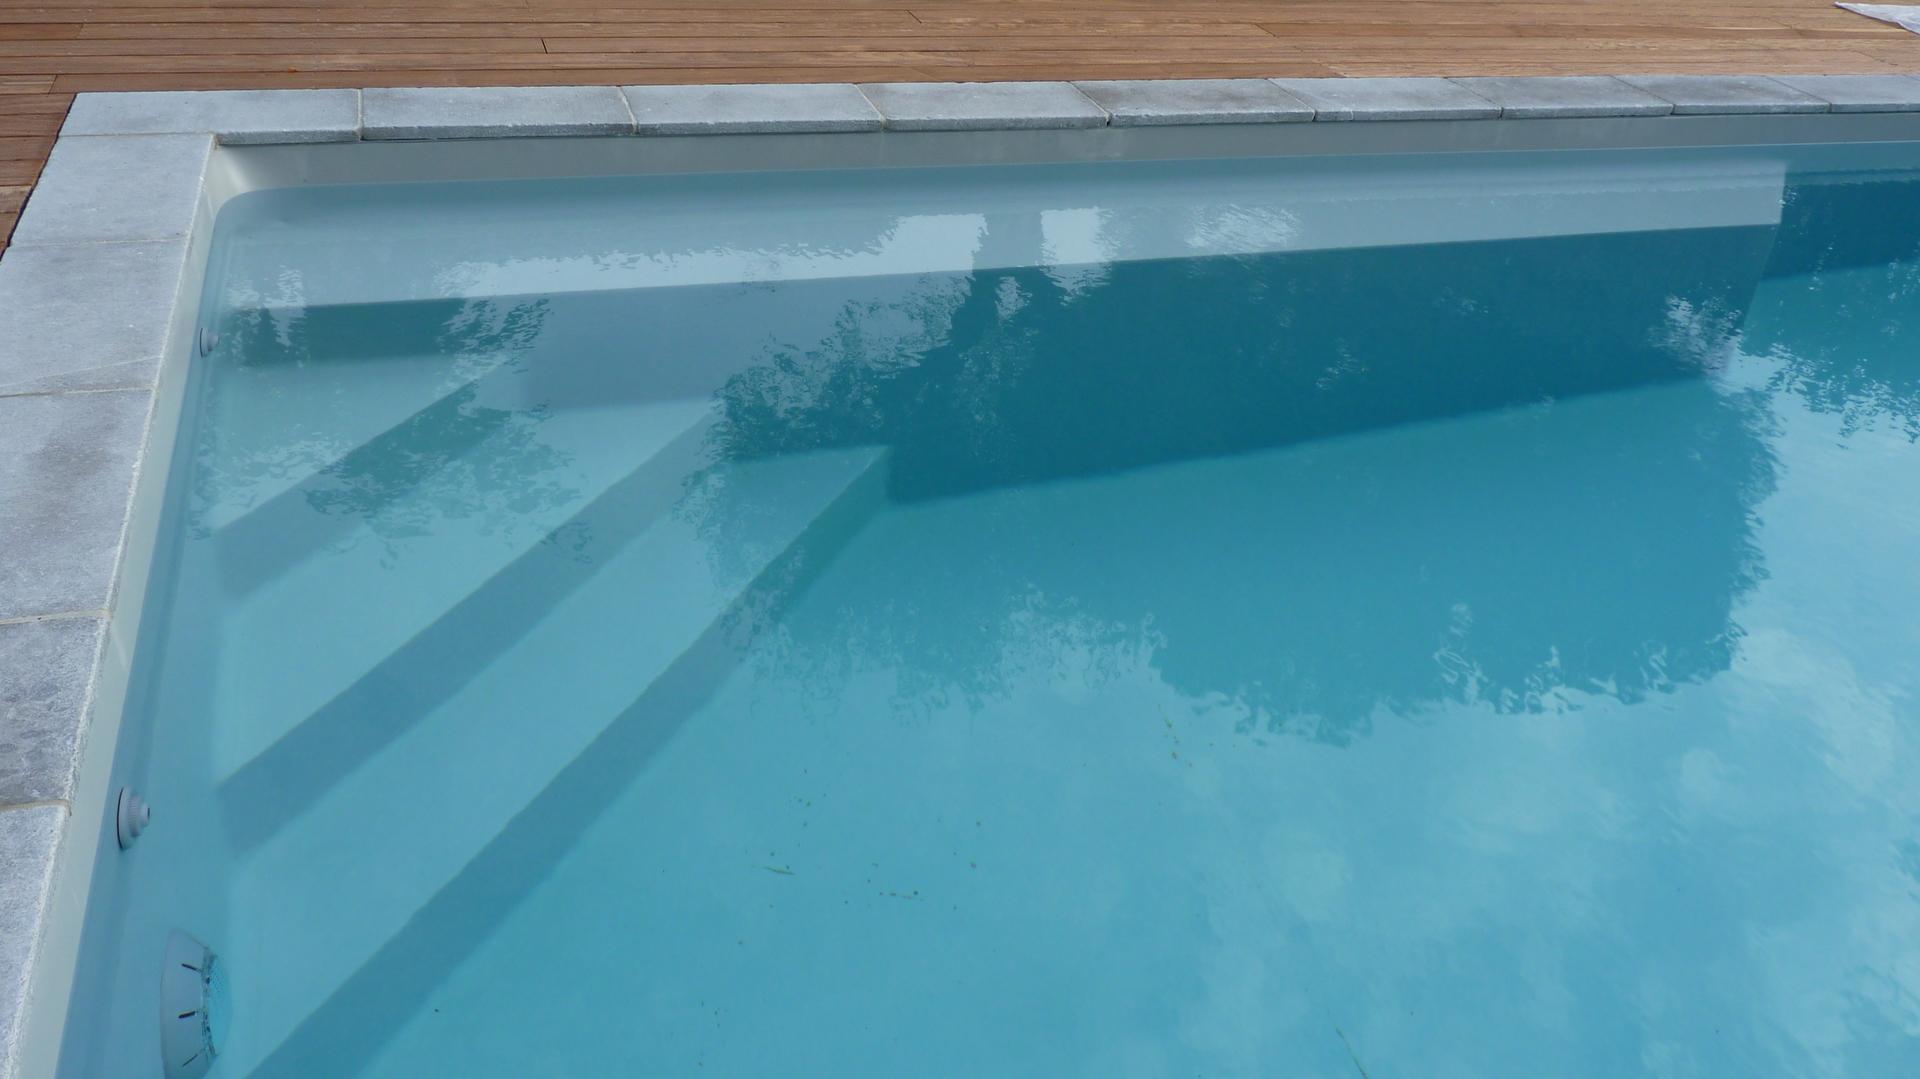 Piscine Beton Avec Plage Immergée piscines béton innovations solutions, piscines 100 % béton